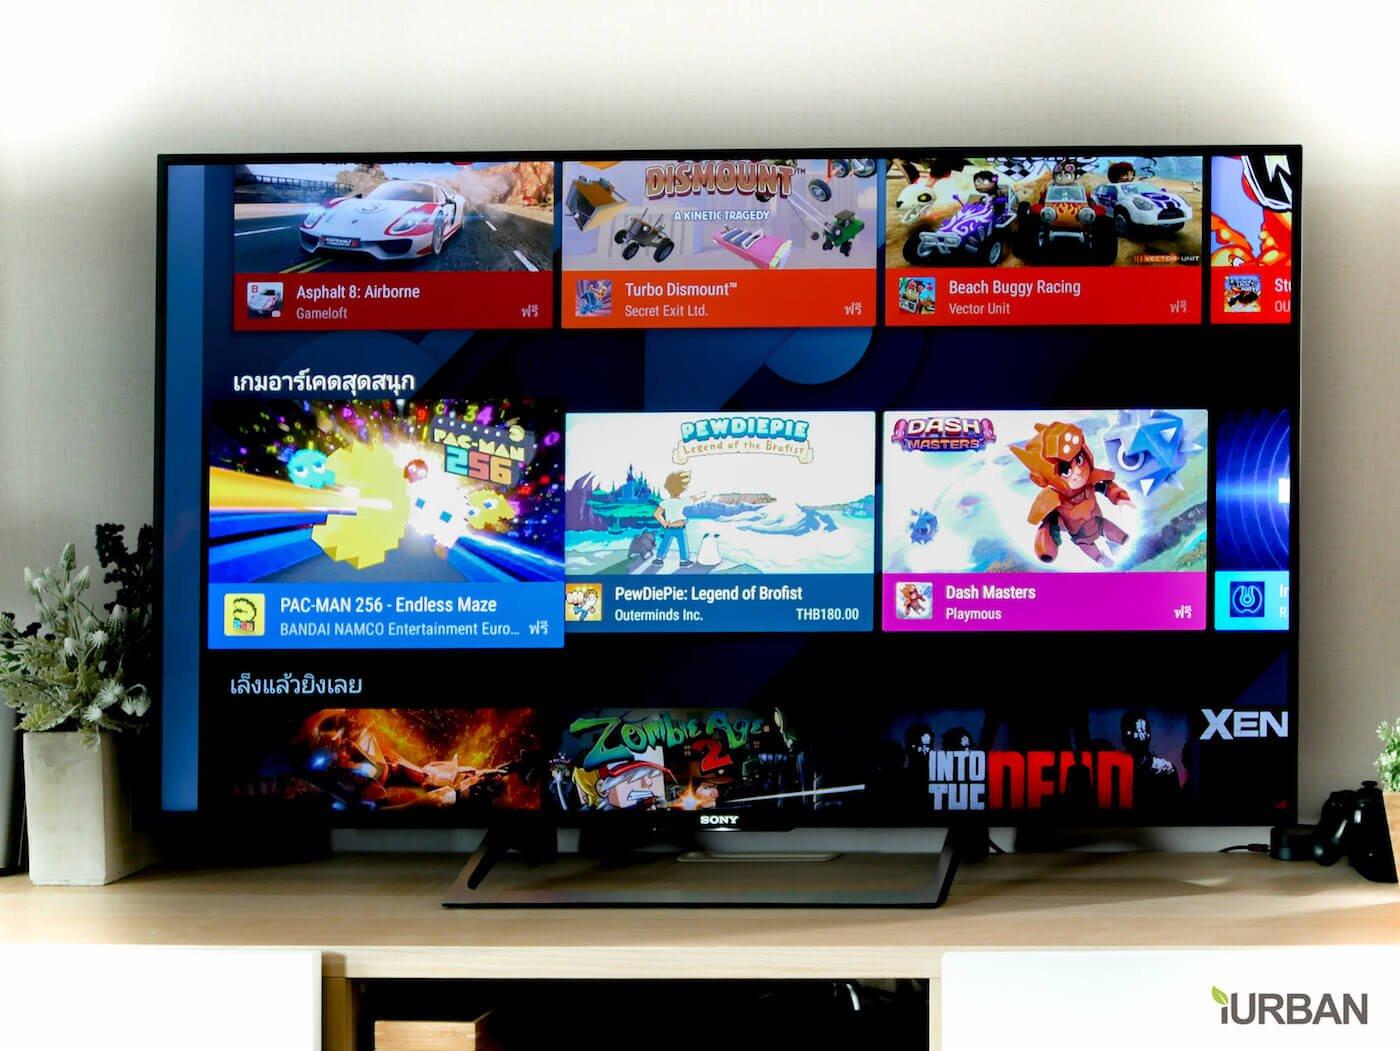 SONY X8500E 4K-HDR Android TV นวัตกรรมที่จะเปลี่ยนชีวิตกับทีวี ให้ไม่เหมือนเดิมอีกต่อไป 22 - Android